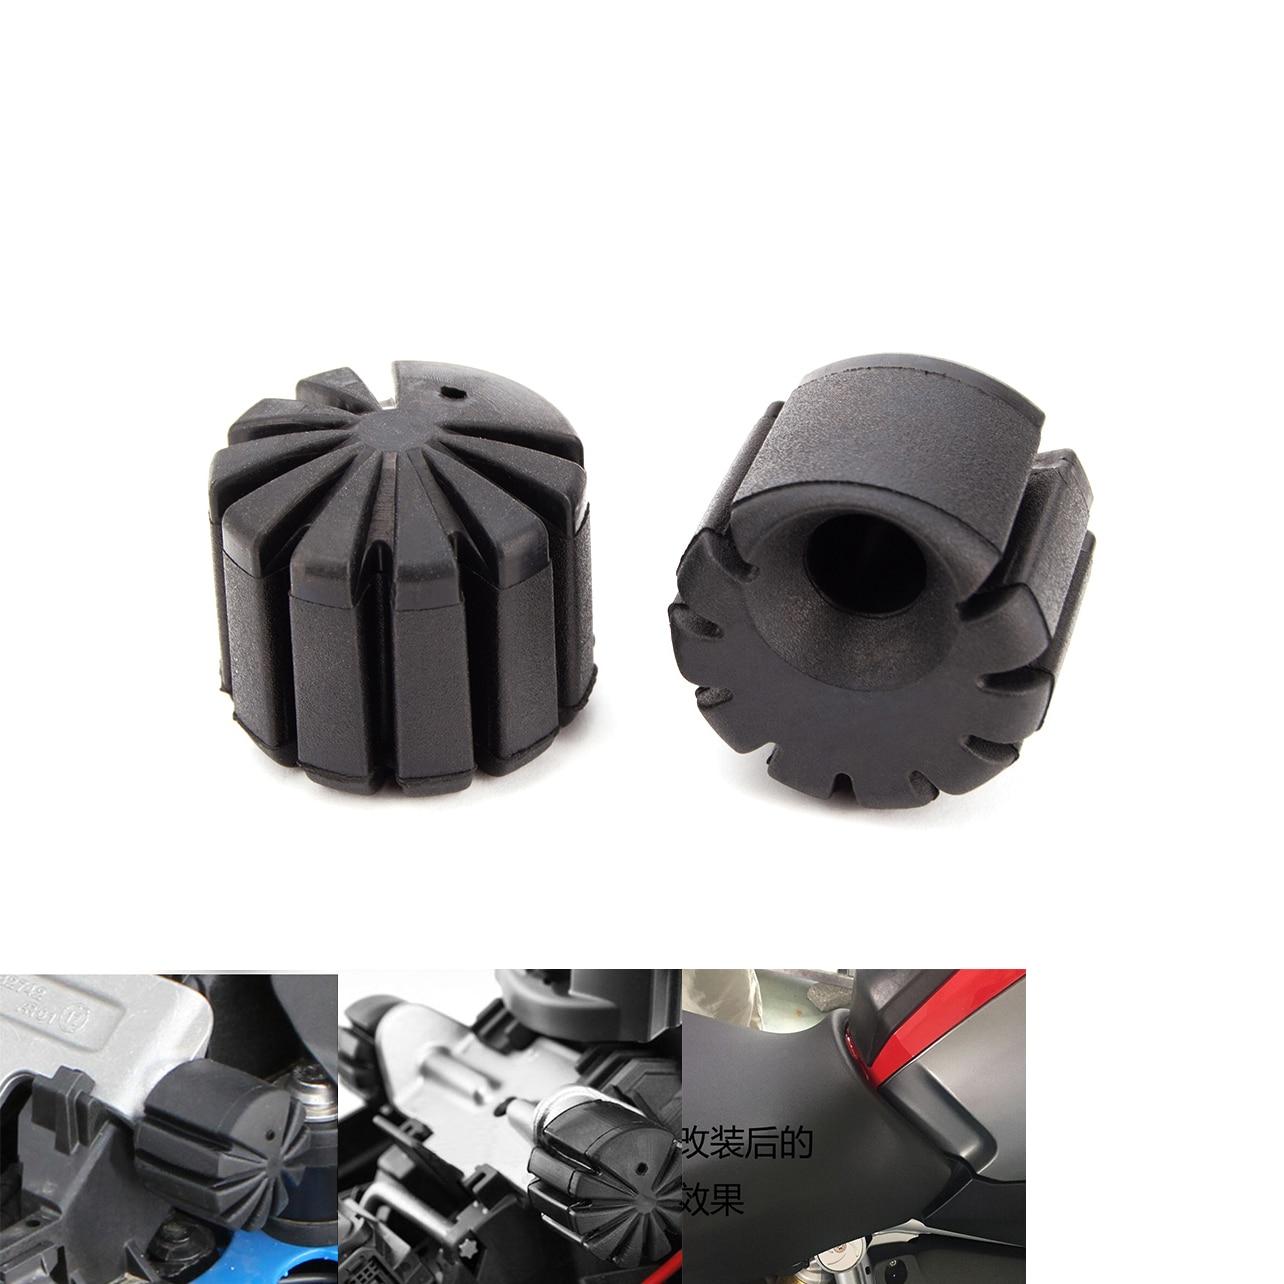 Kit de descenso de asiento de goma nueva para BMW R1200GS LC R 1200 R 1250 GS / RT LC Adv K1600GT S1000XR K1600GT K1600 B/GT